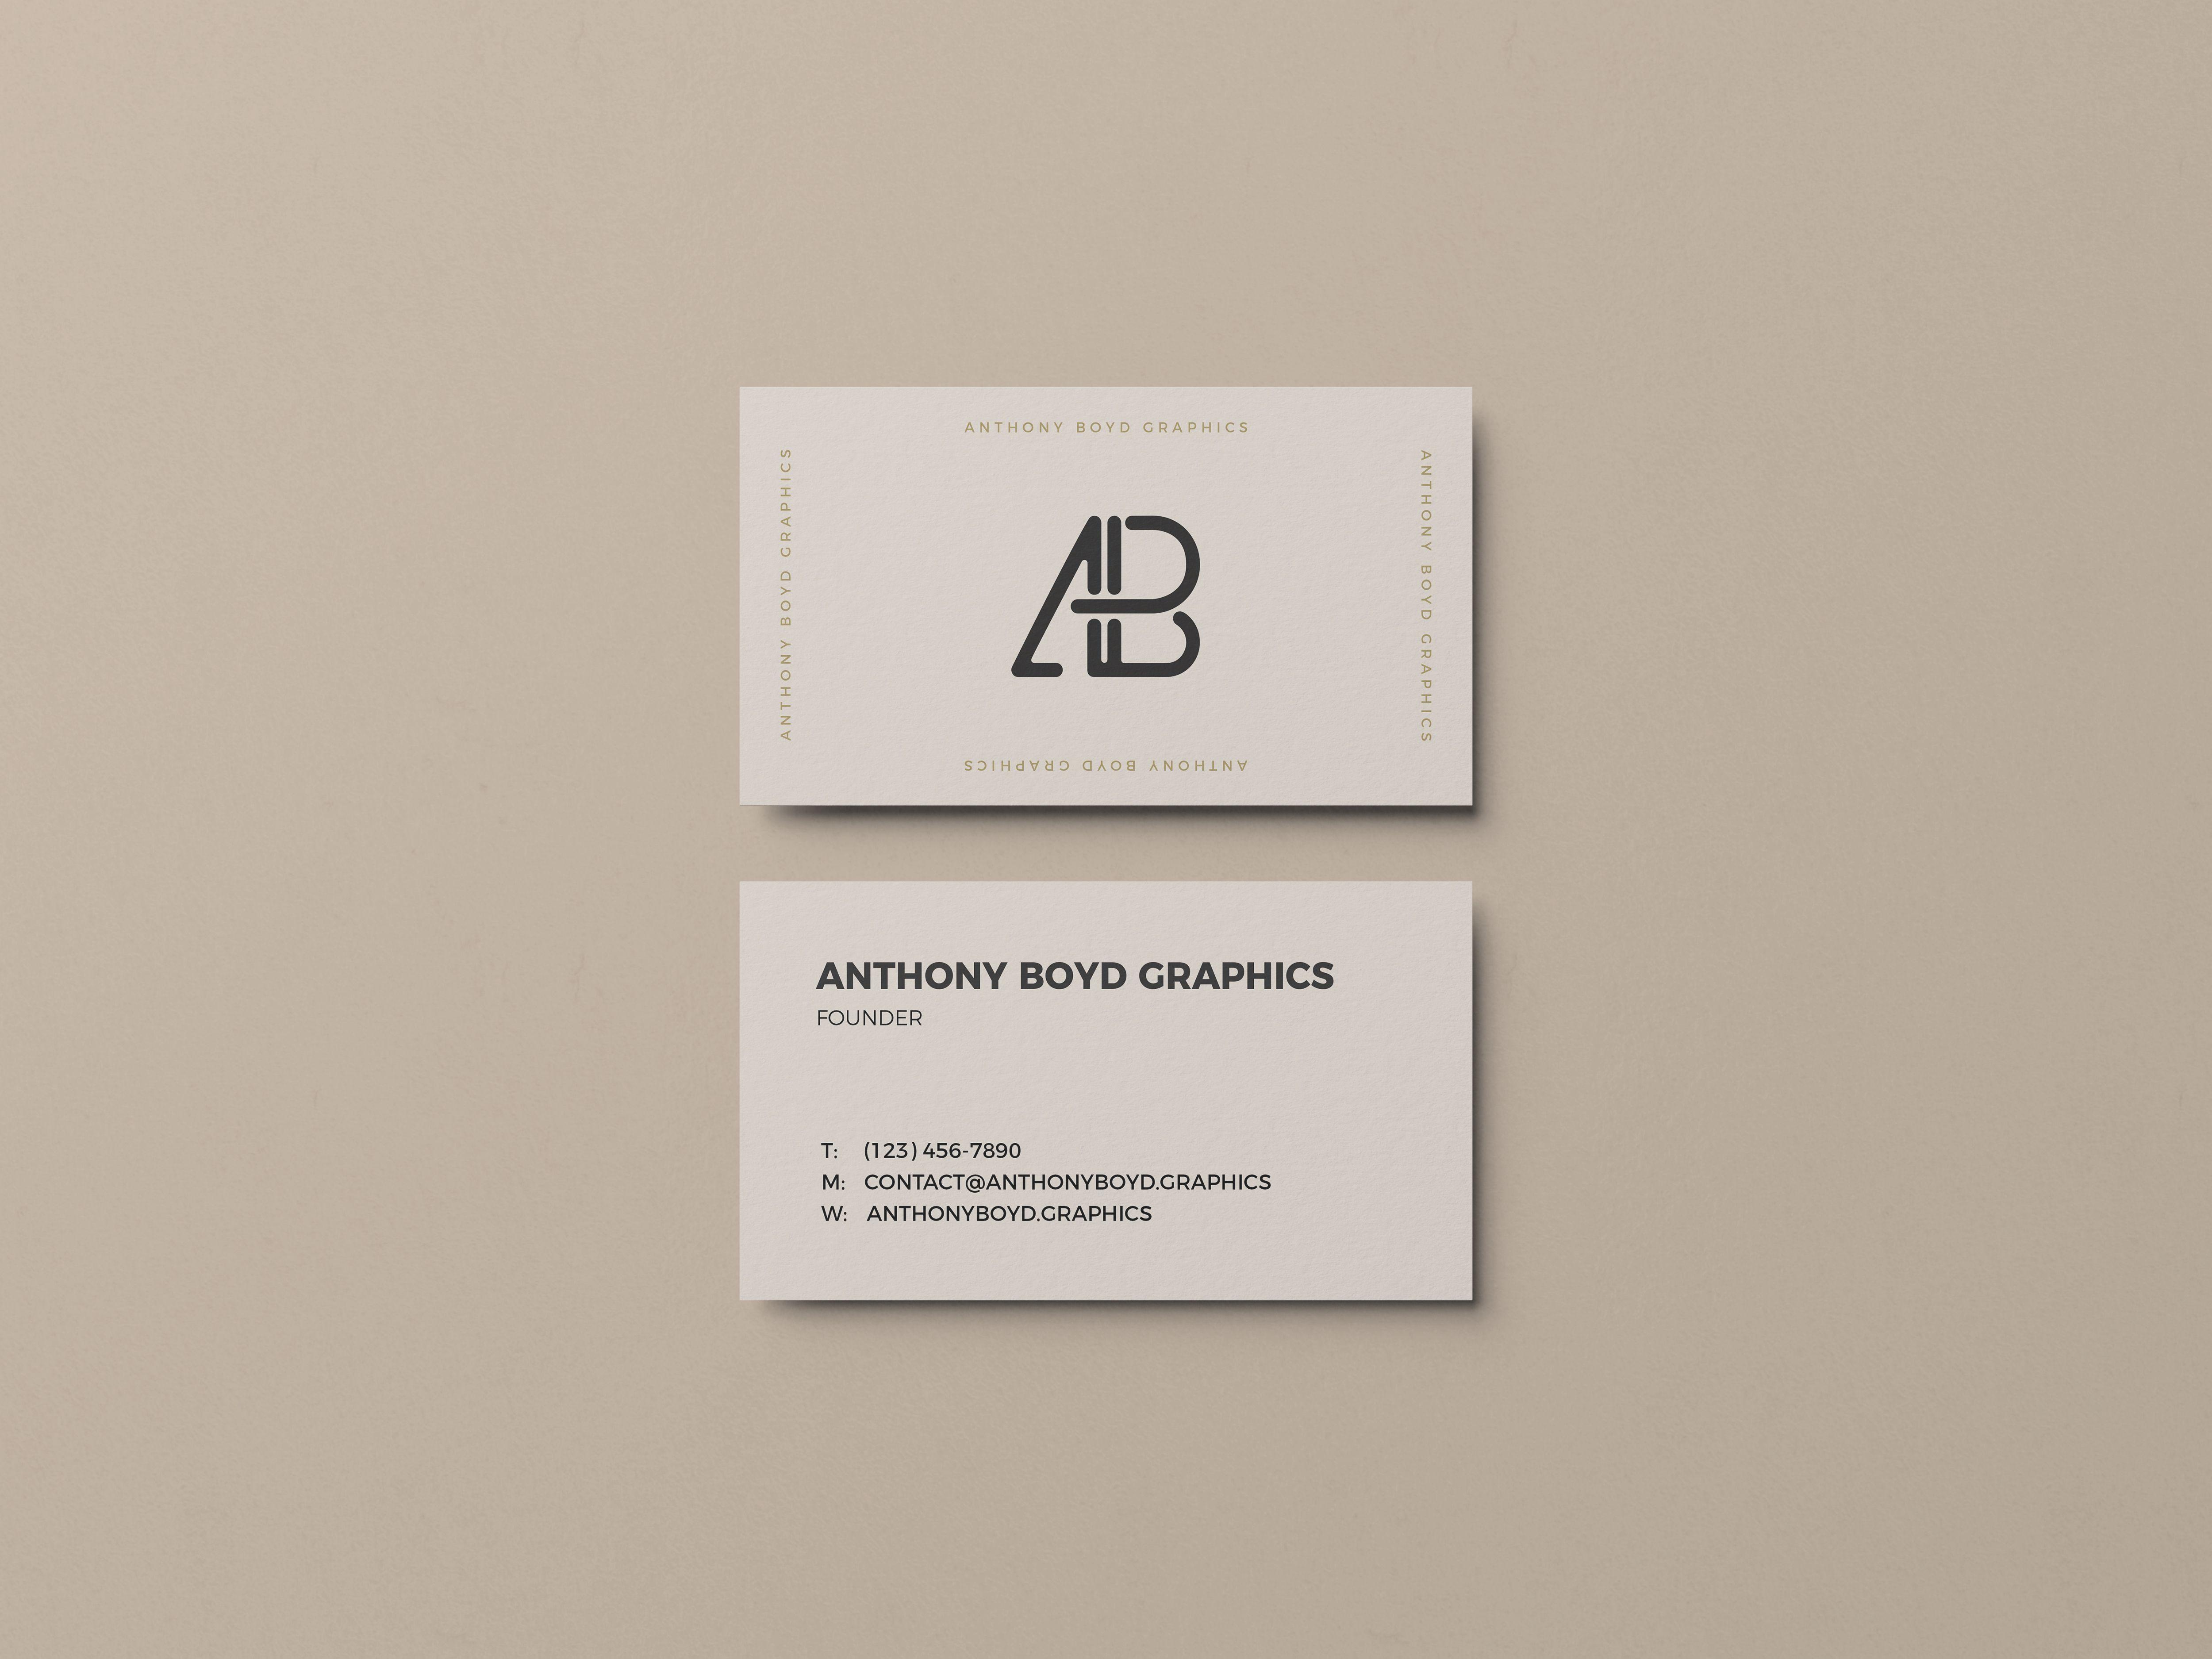 Business Card Mockup Vol 3 Business Card Mock Up Business Card Psd Business Cards Mockup Psd